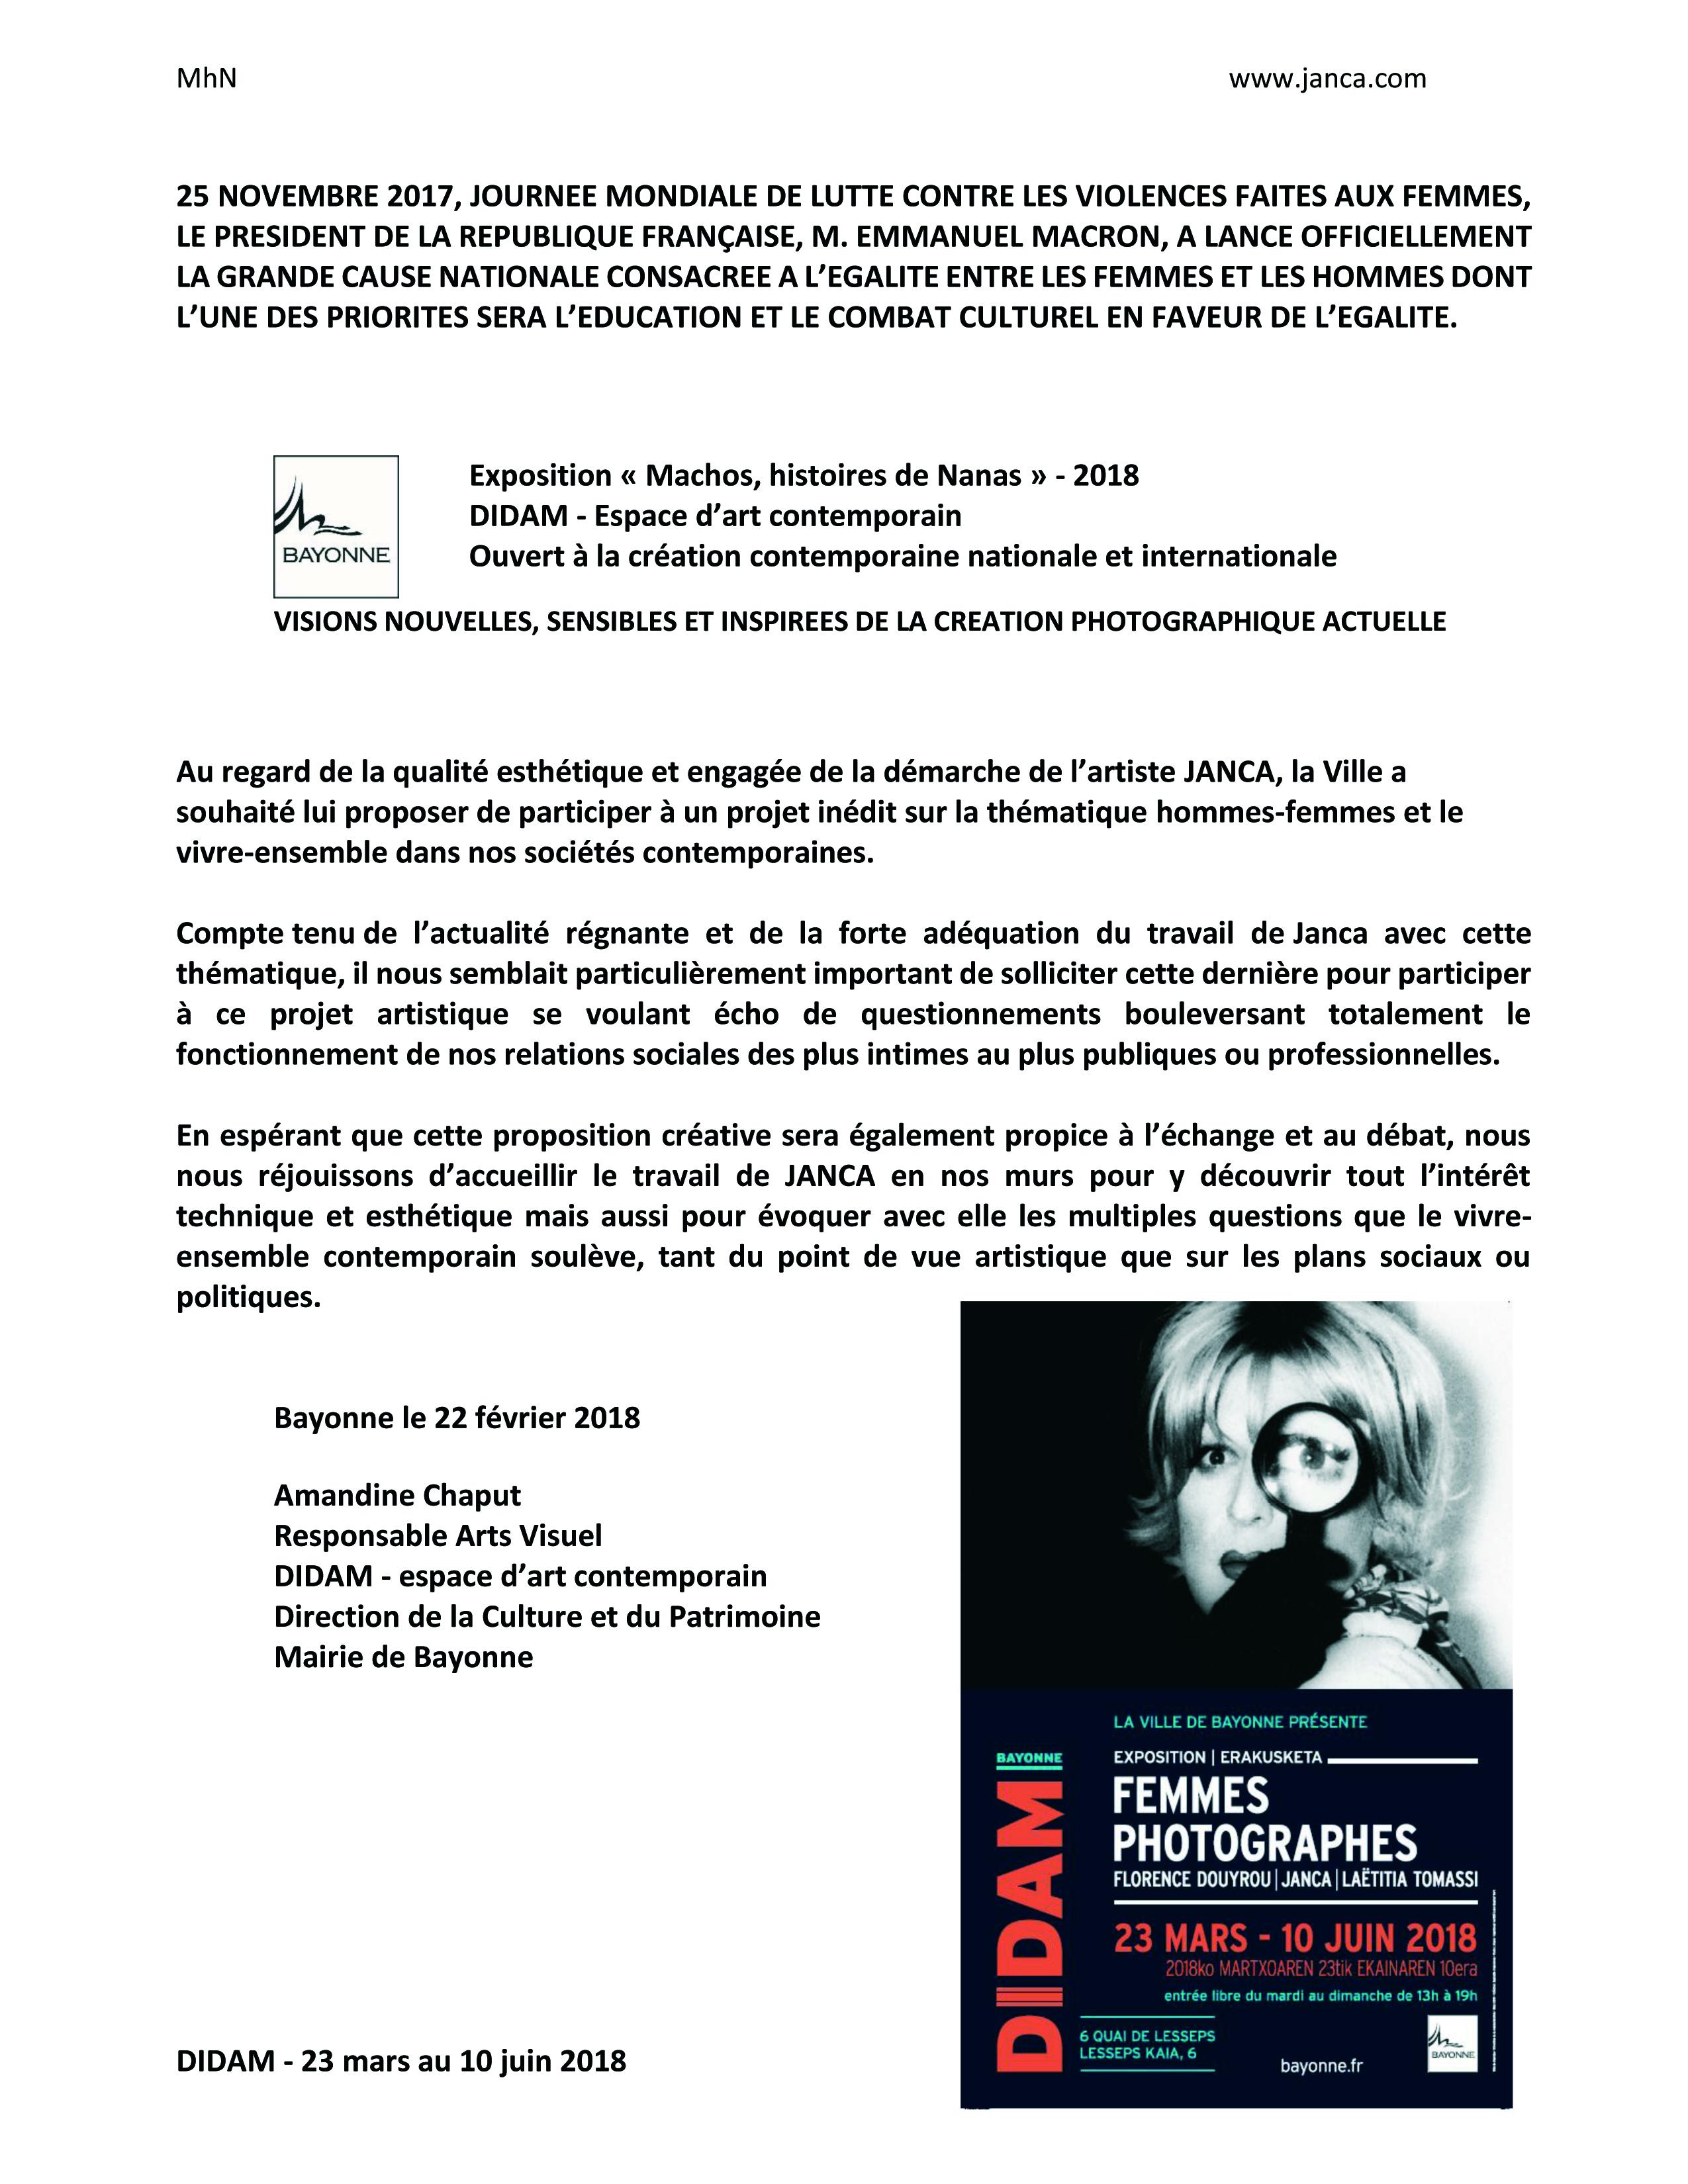 2  fr lettre de DIDAM  invitation